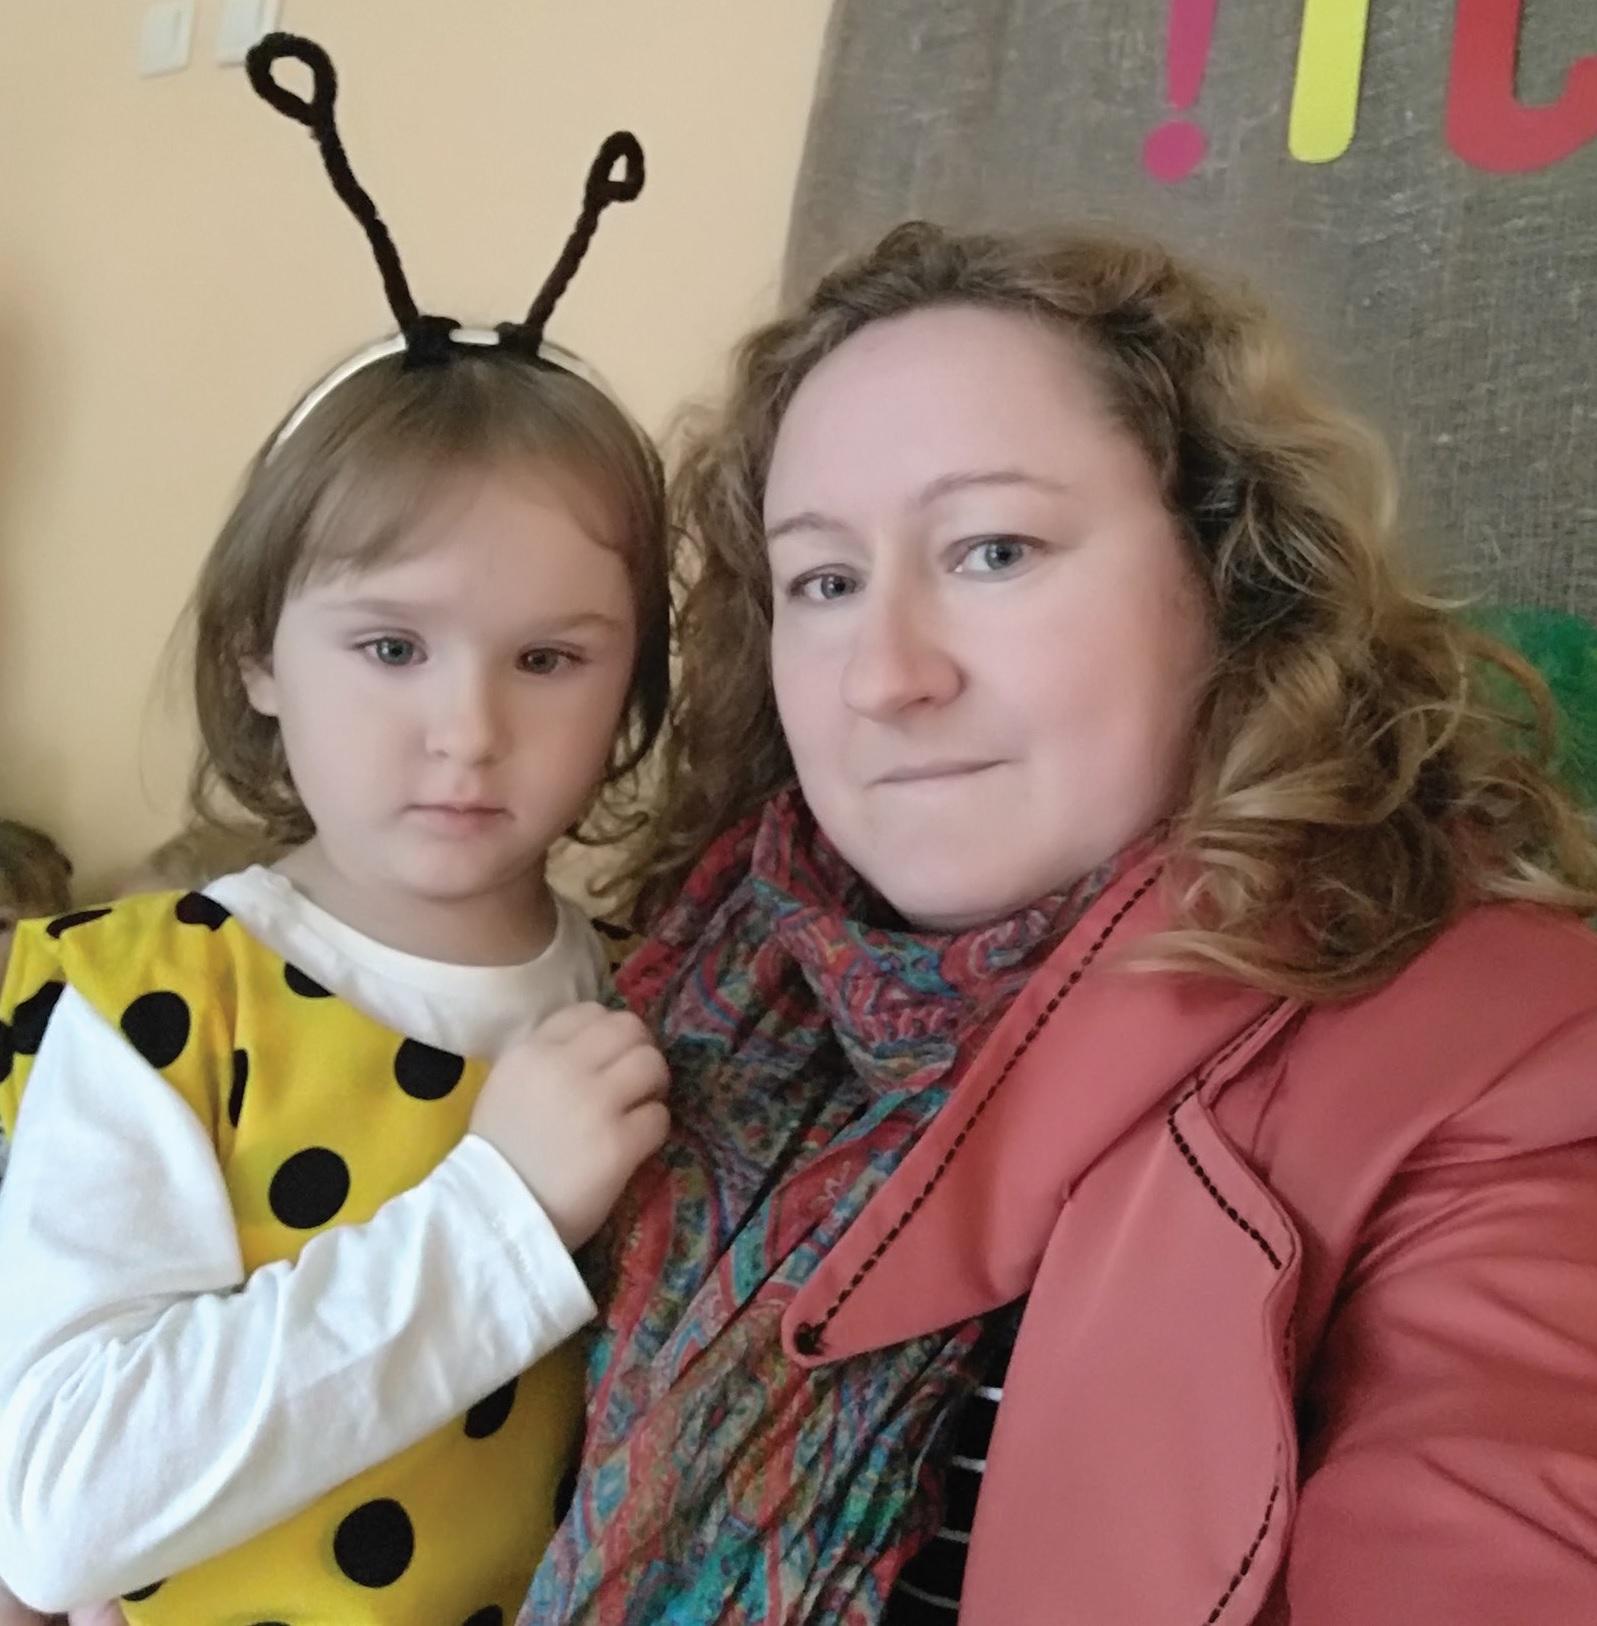 Kėdainietės Svajūnės Vepštienės trejų metukų dukrytei Eglei buvo diagnozuota viena dažniausiai paveldimų medžiagų apykaitos ligų – fenilketonurija. Negydoma vaikui ji gali sukelti protinį atsilikimą. Tačiau mergytės mama šypsosi ir užtikrina, jog iš visų genetinių ligų ši yra pati geriausia. Asmeninio archyvo nuotr.